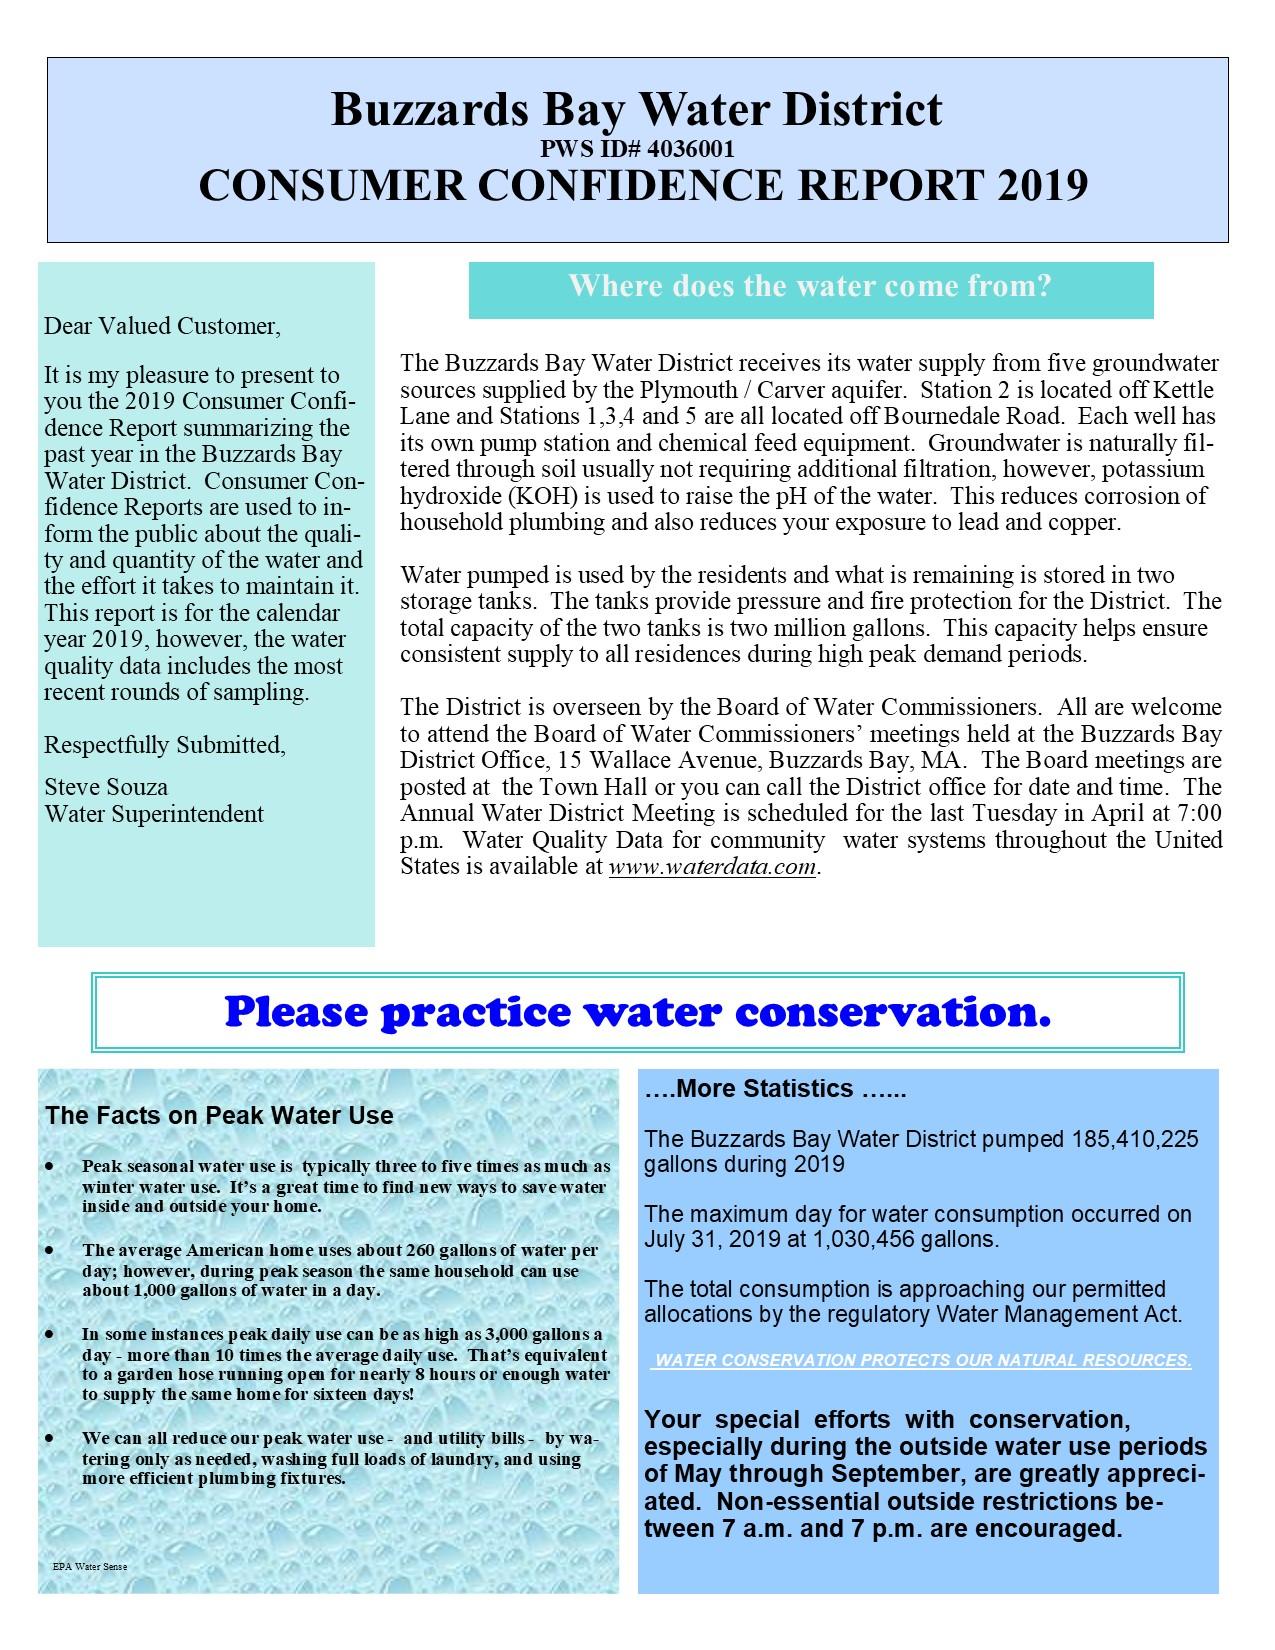 CCR page 1 handout2019